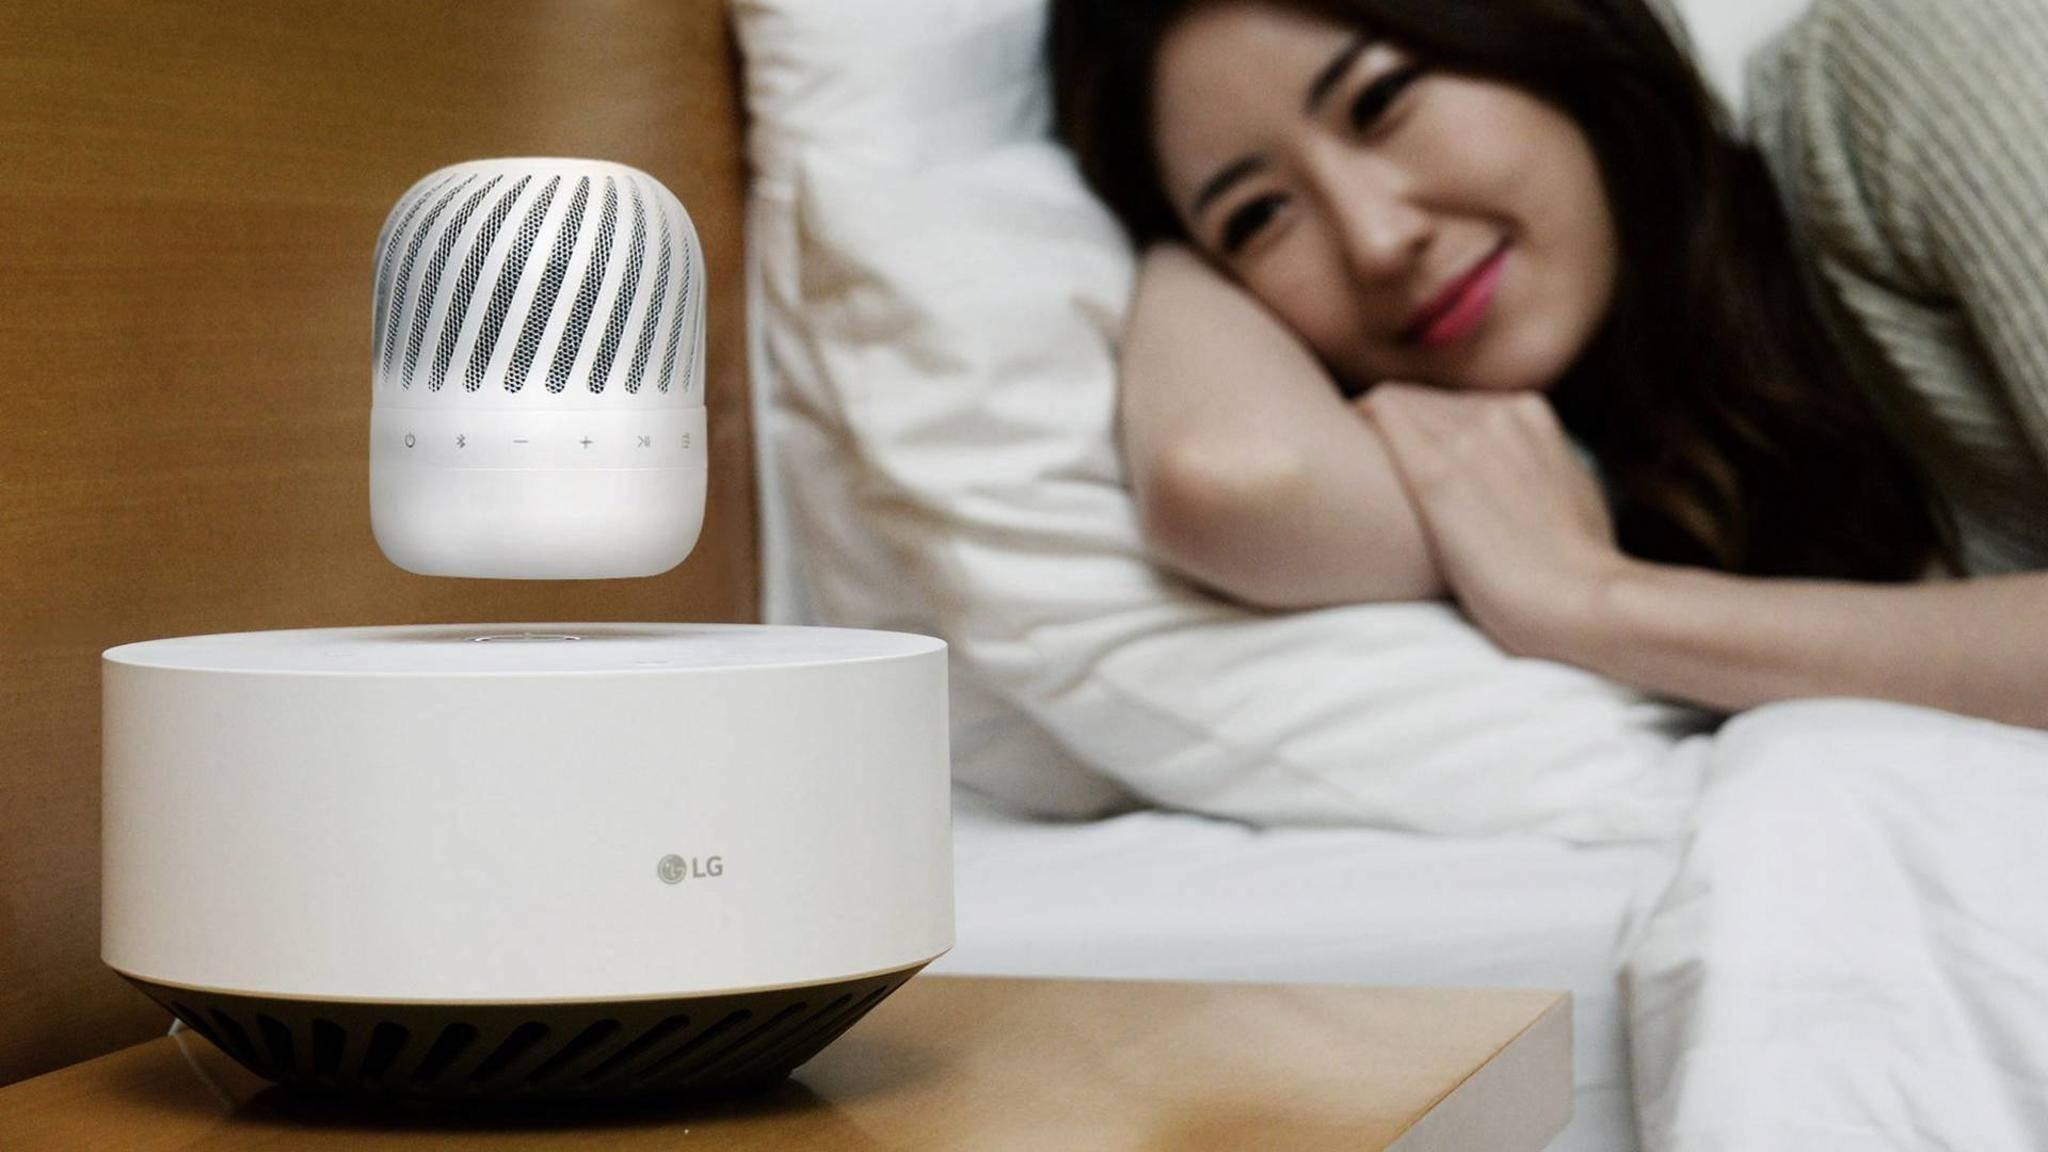 LG stellt mit dem PJ9 seinen ersten schwebenden Lautsprecher vor.